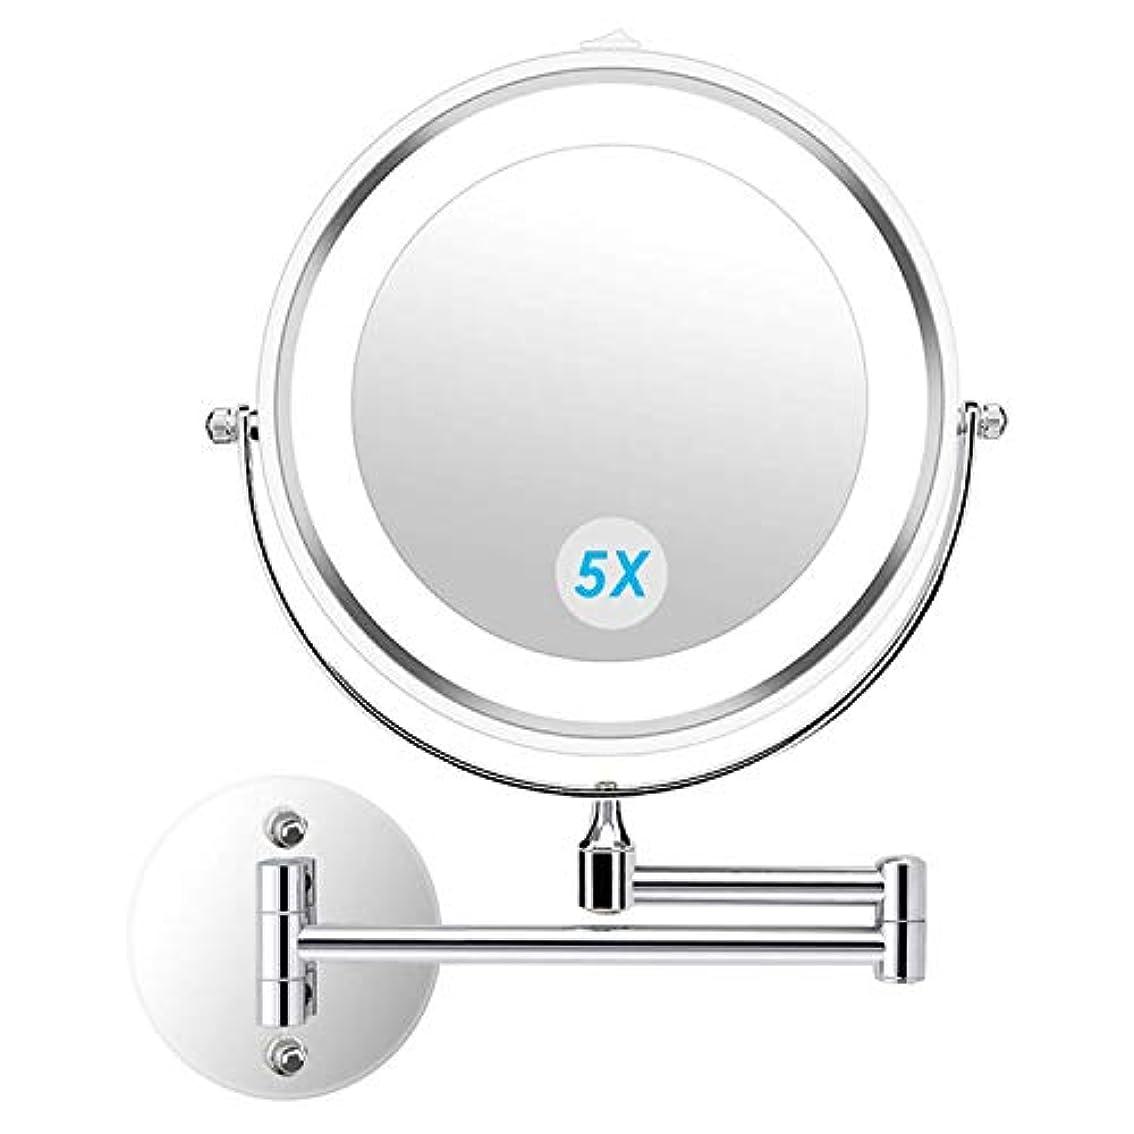 本当に認めるスツールalvorog 壁掛け化粧鏡 4個 電池で駆動バスルームホテル用照明付き両面5倍 倍率360度 スイベル延長化粧化粧鏡を導きました 7